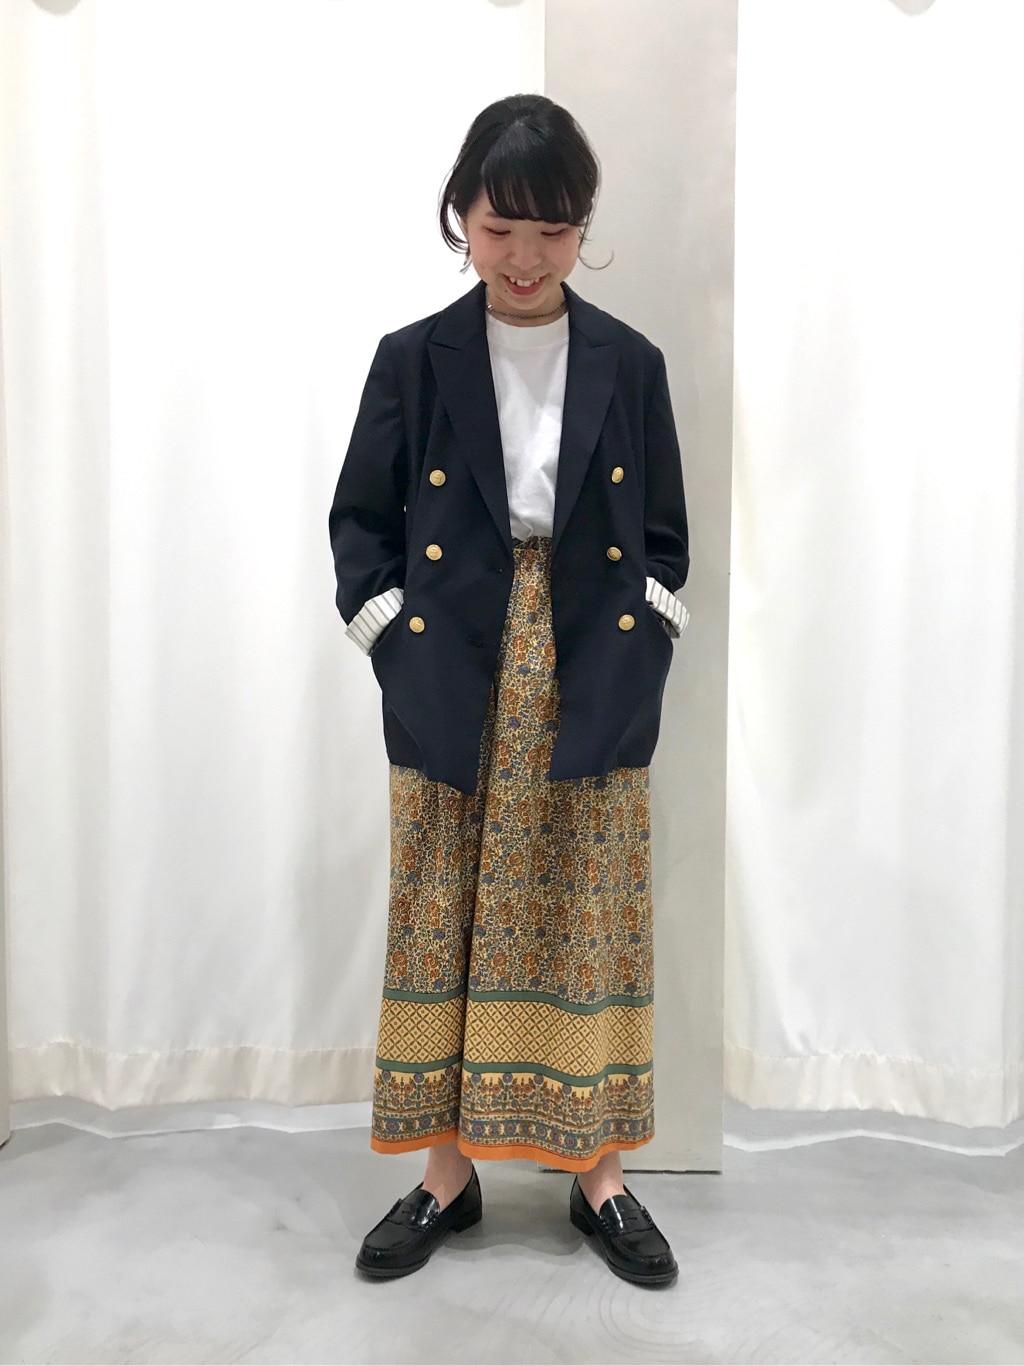 AMB SHOP PAR ICI CHILD WOMAN,PAR ICI ルミネ横浜 身長:154cm 2020.05.03